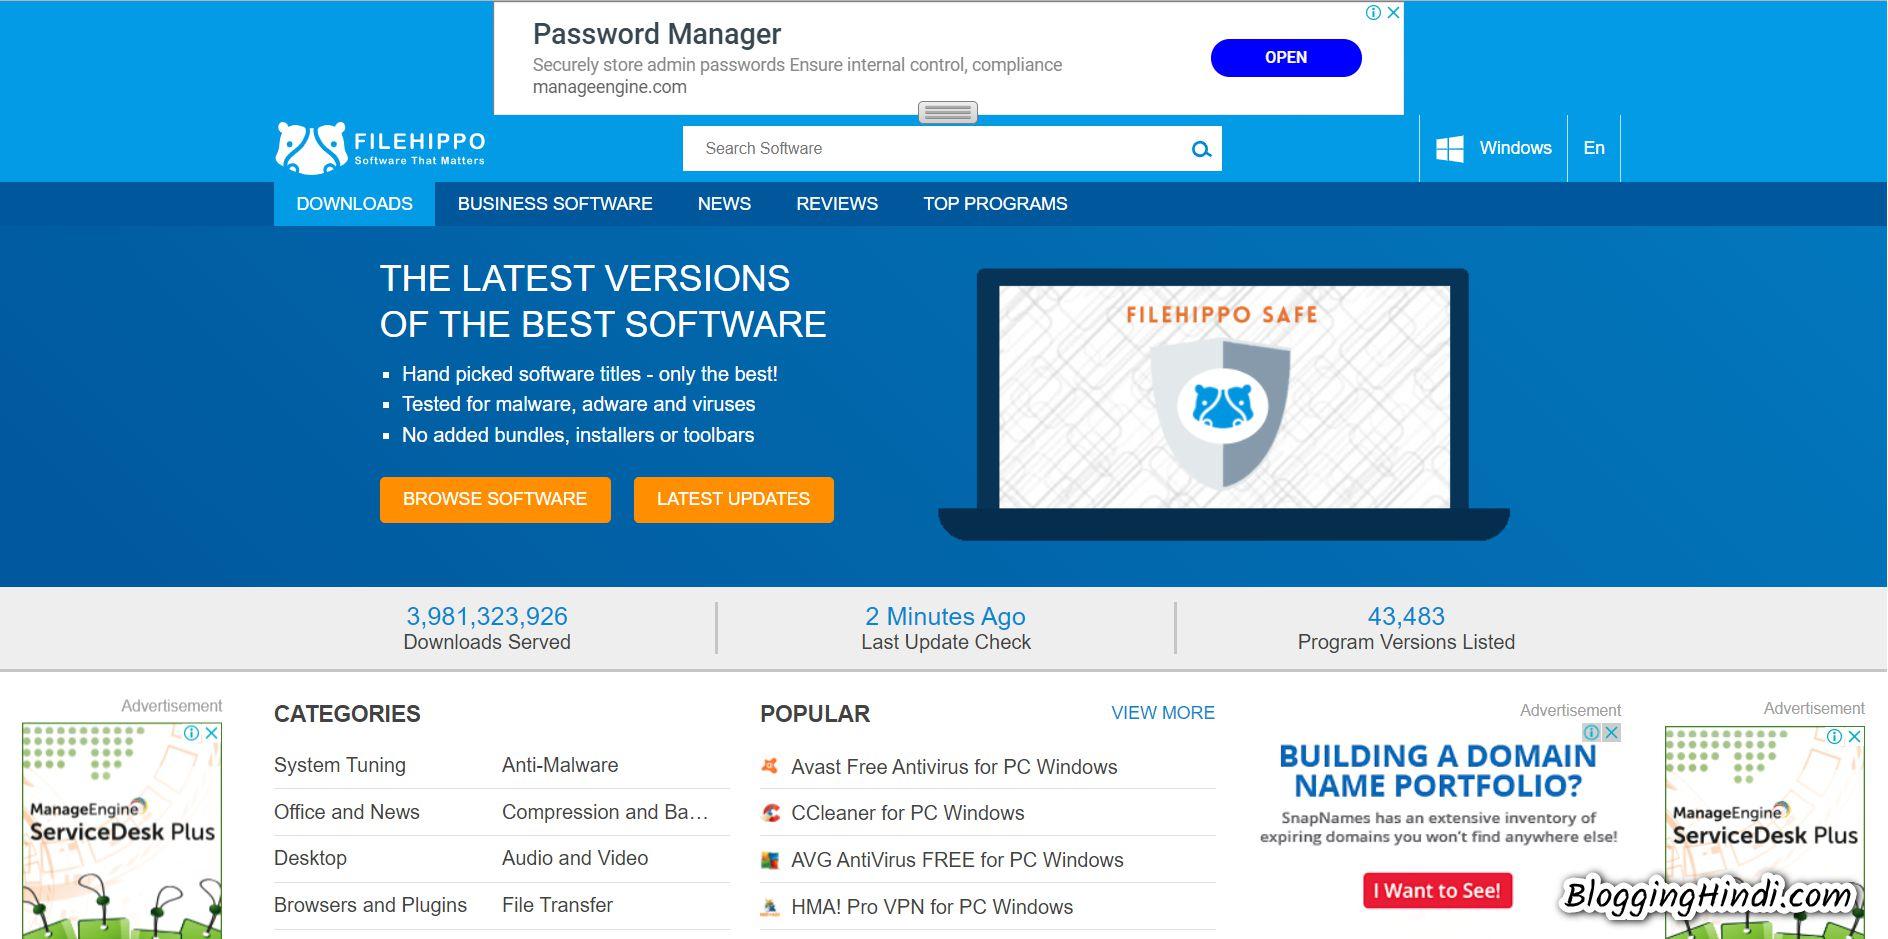 PC Software Download Karne Ke Liye 10 Safe Websites 2